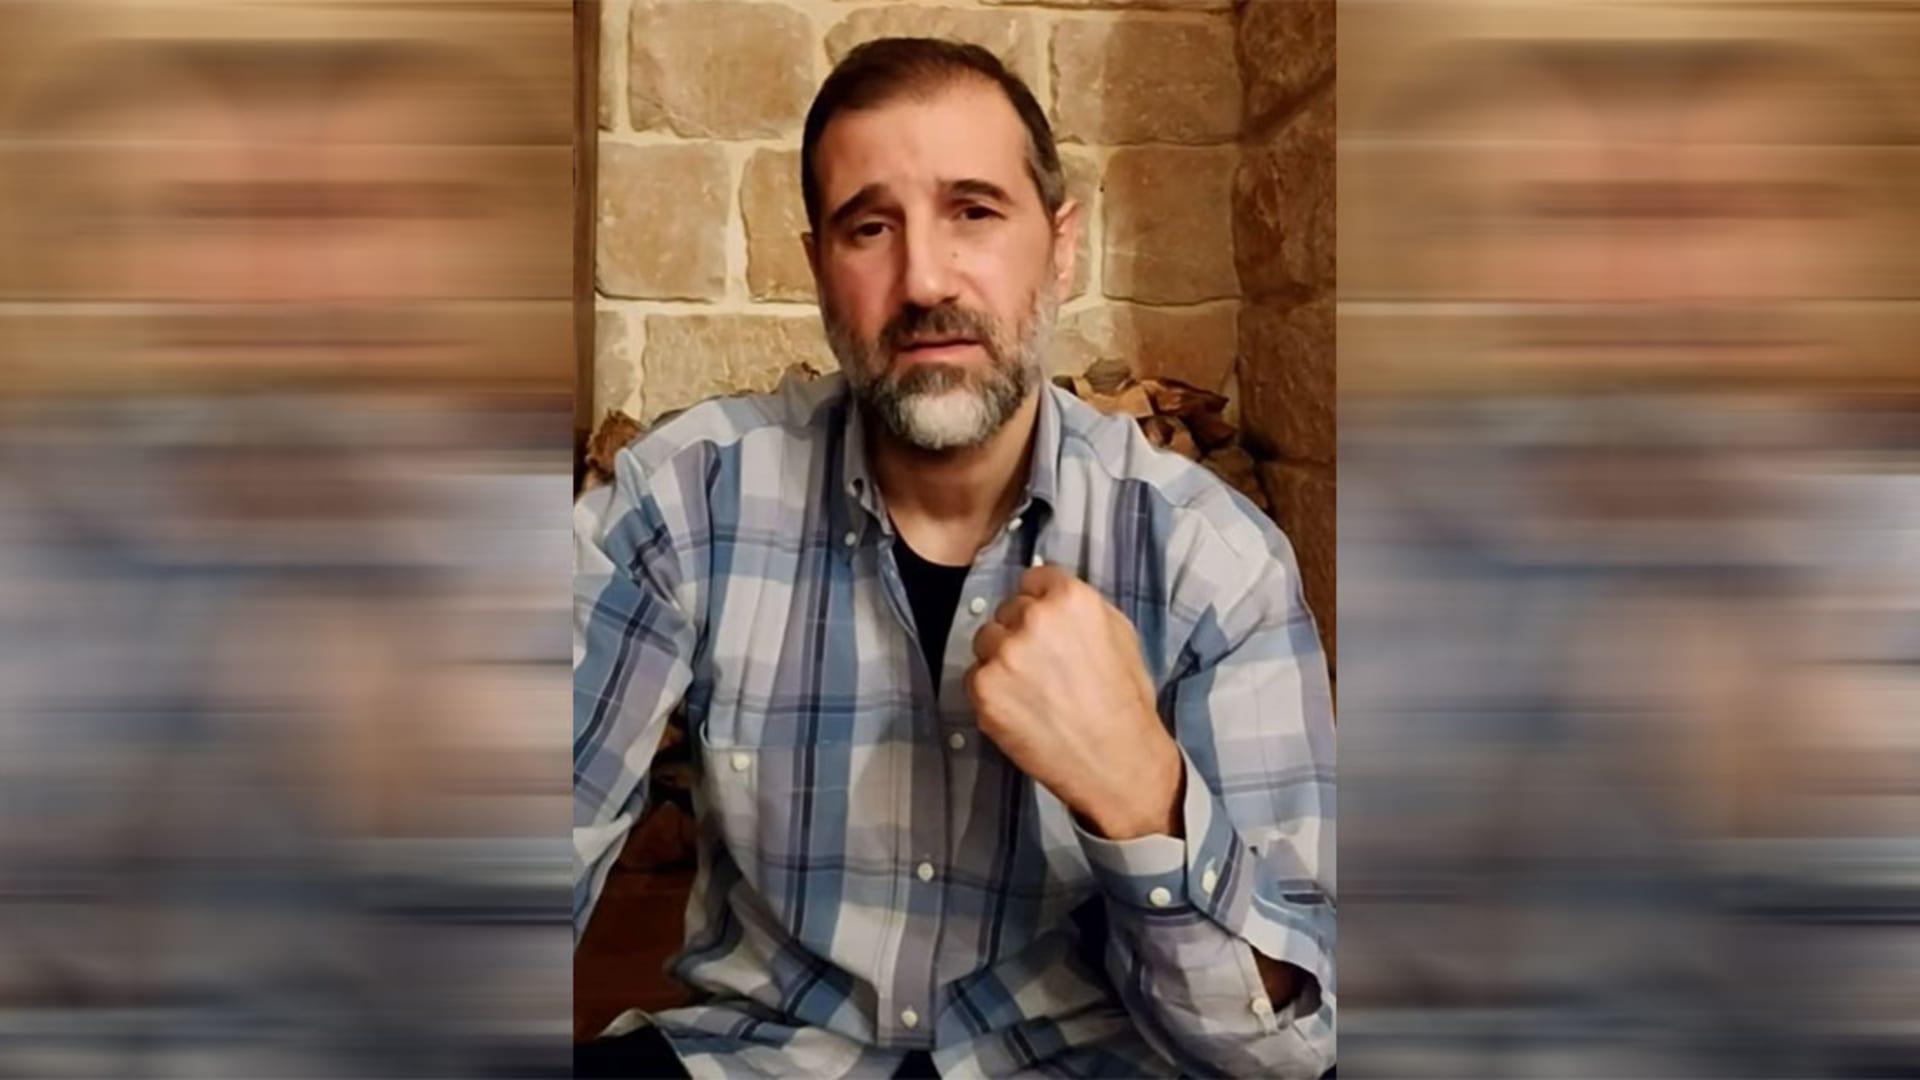 """""""كيف نعرف أن ظهور المهدي أو نزول المسيح في عصرنا؟"""" ابن خال بشار الأسد يجيب بفيديو"""